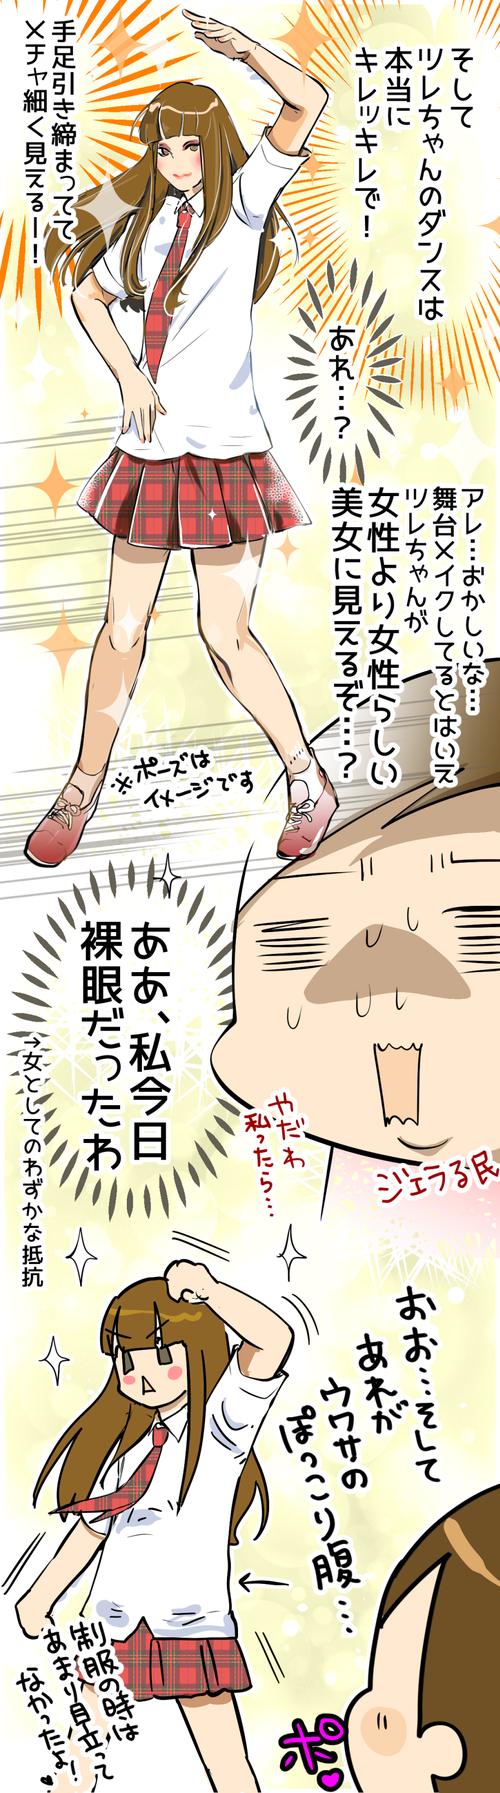 ツレちゃん2